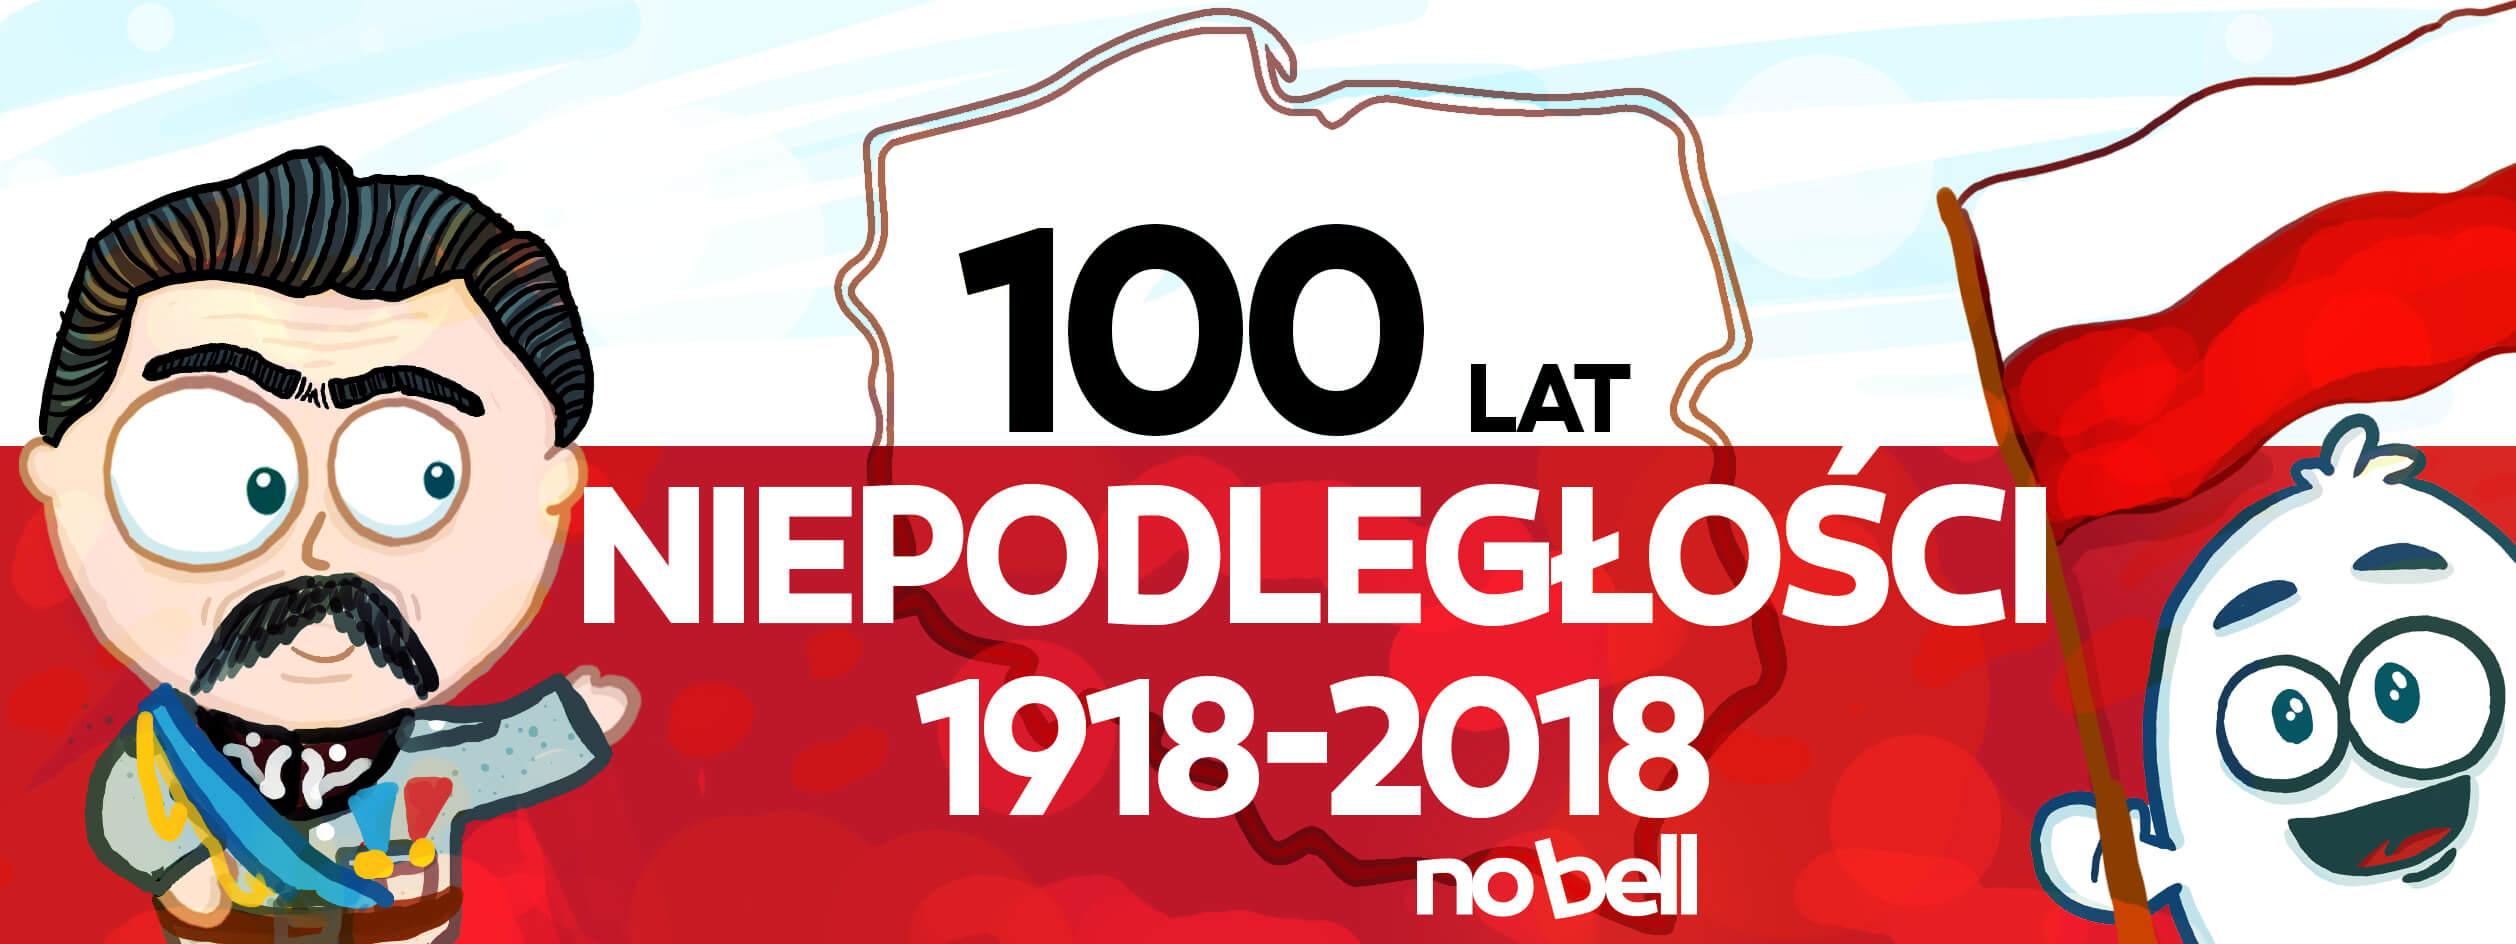 100 lat dla niepodległej Polski!